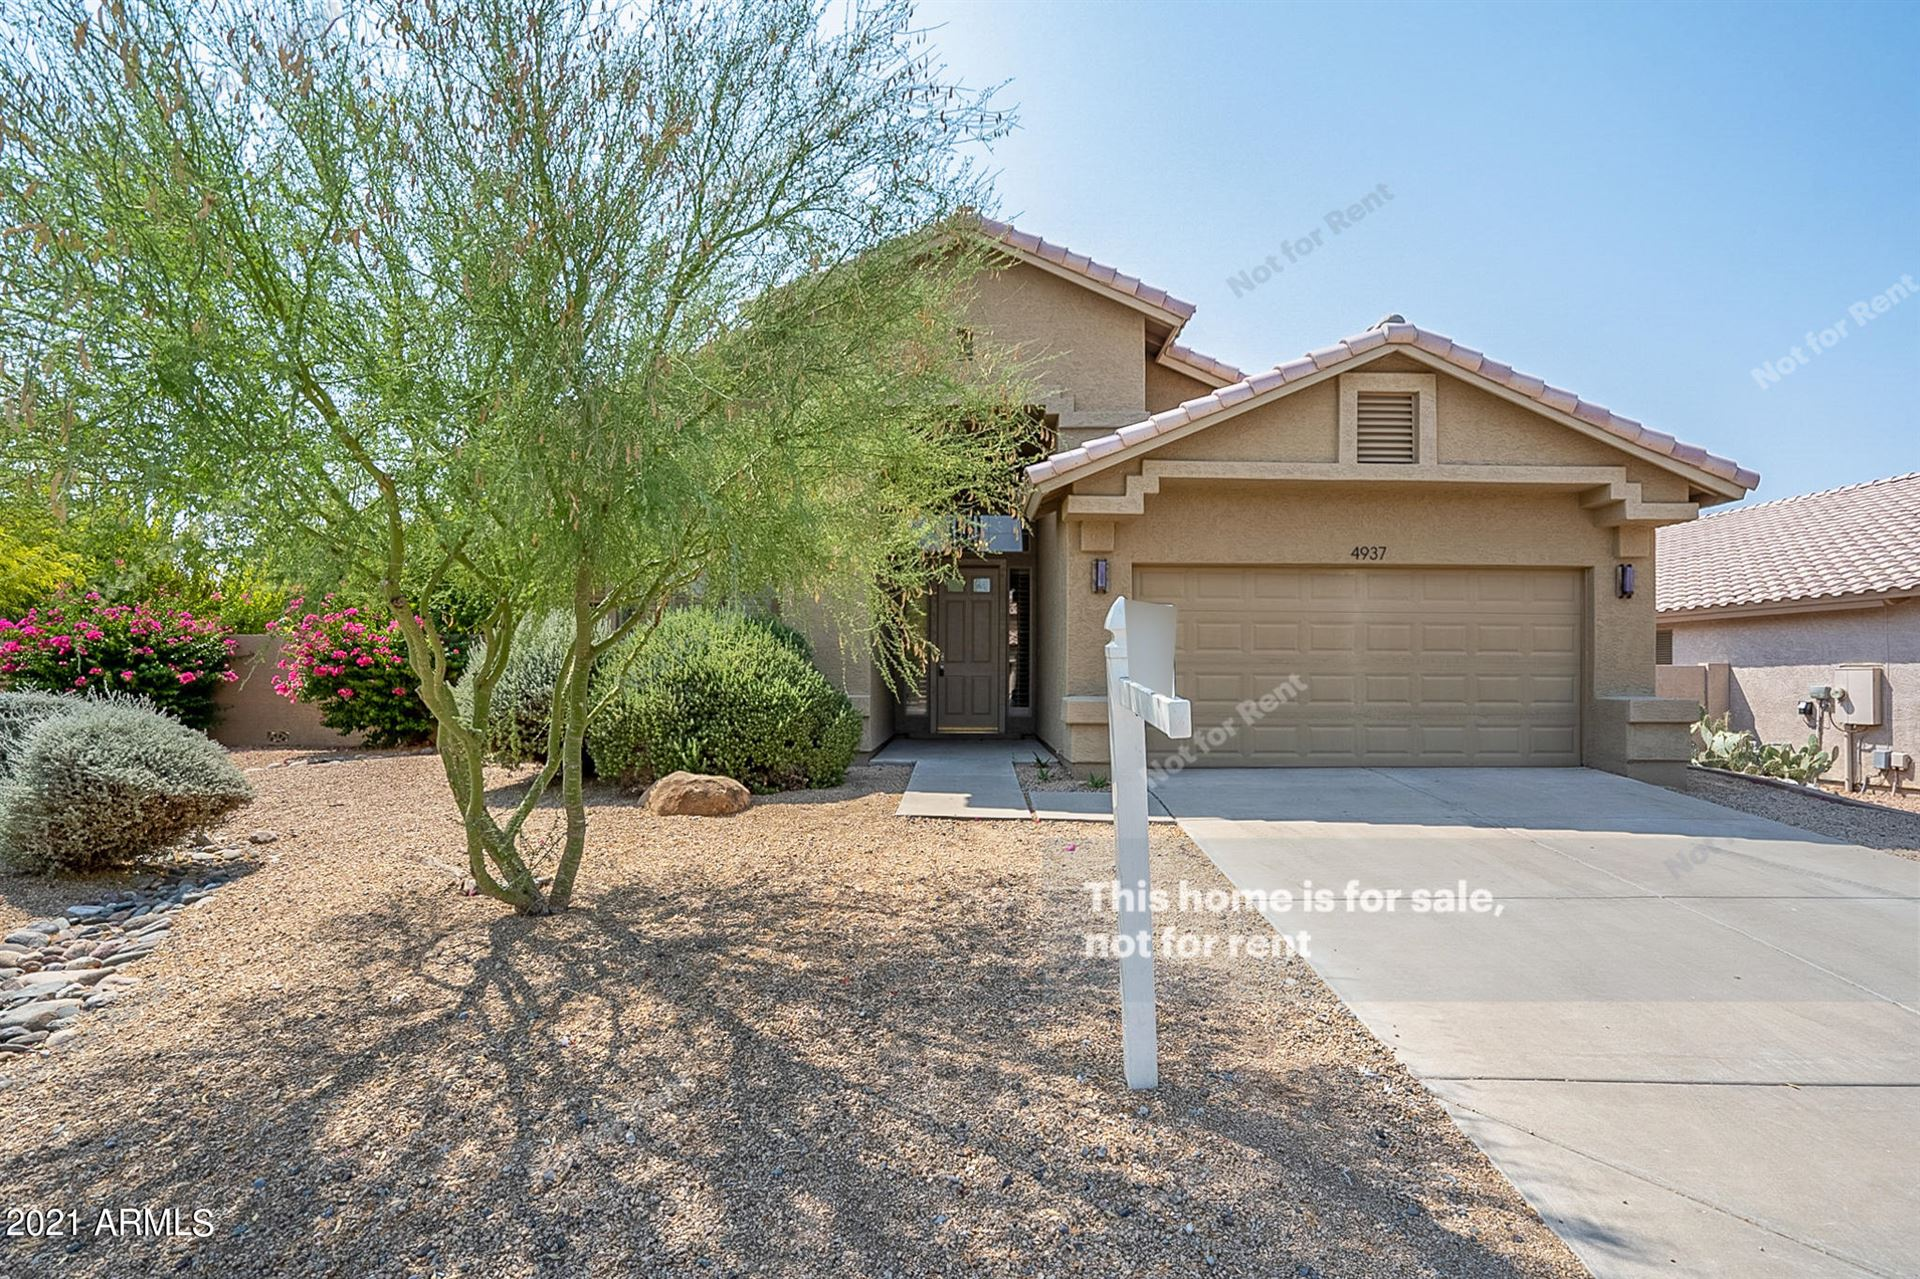 4937 E BARWICK Drive, Cave Creek, AZ 85331 - MLS#: 6224453